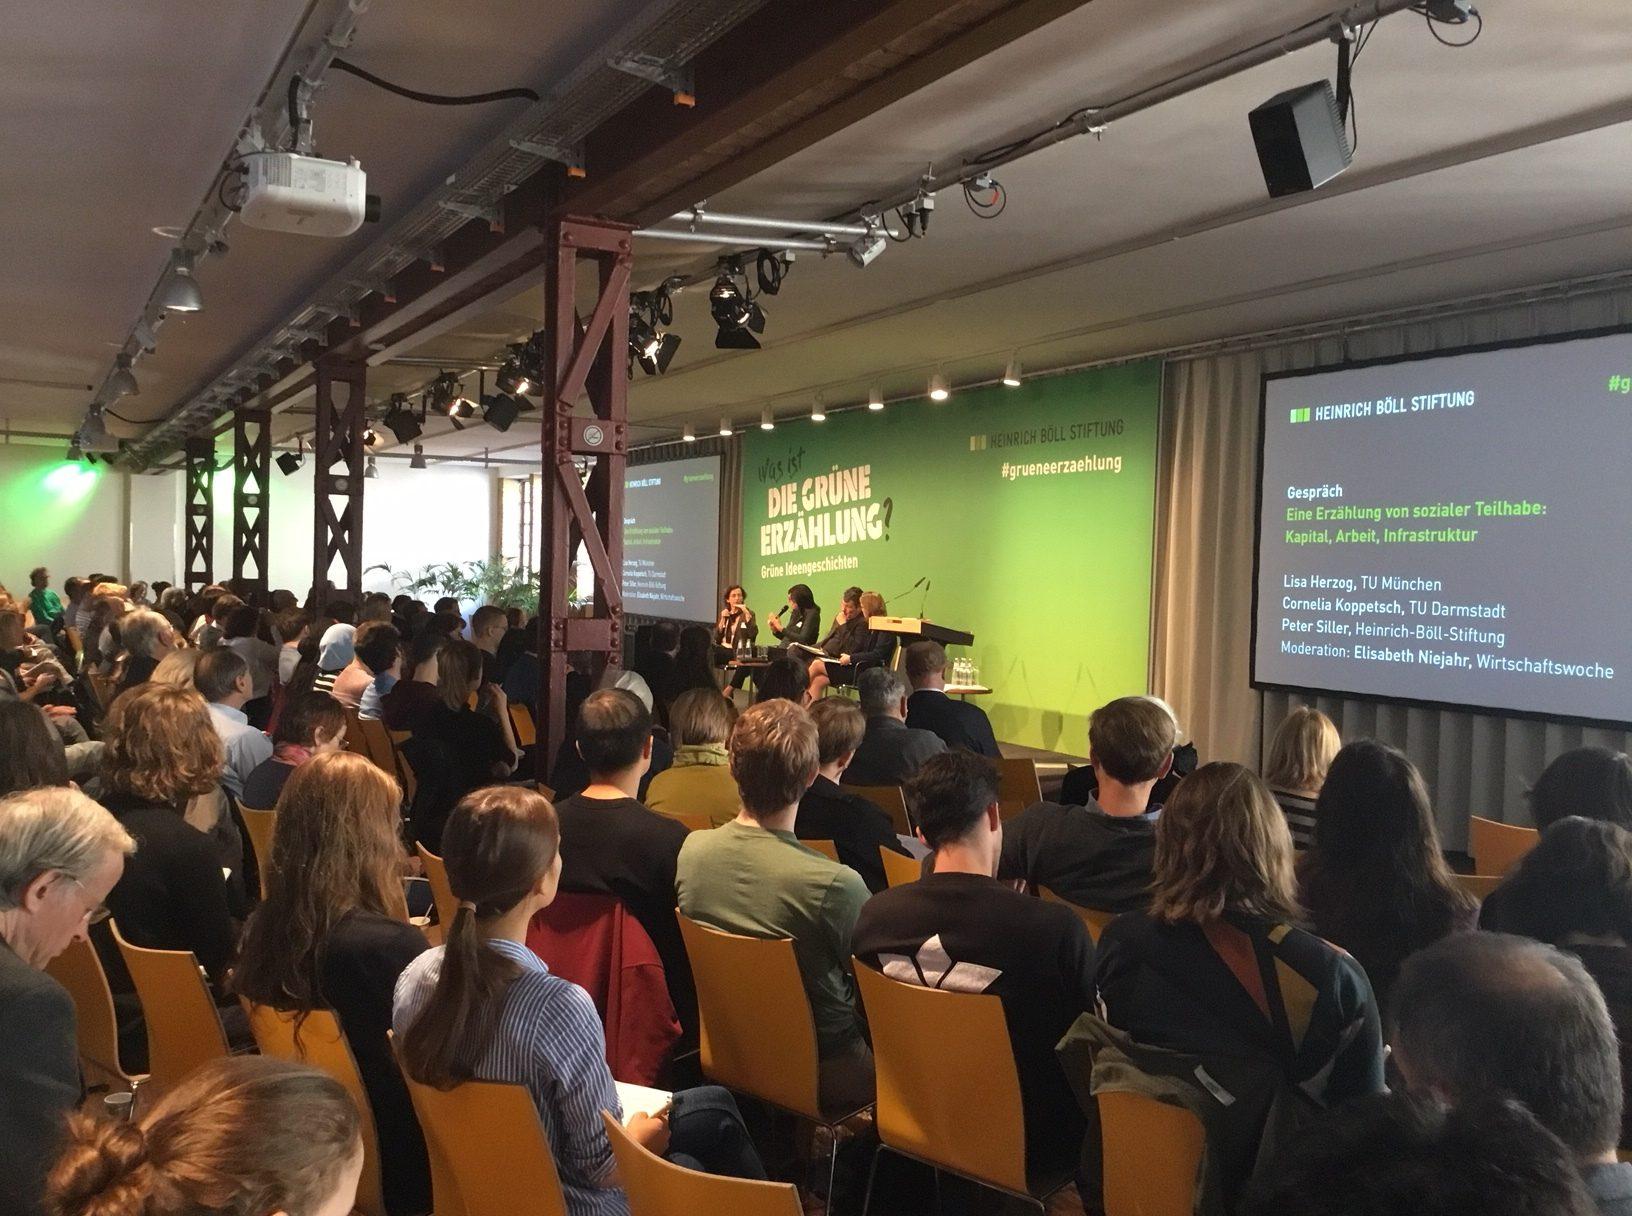 Die Grüne Erzählung – Konferenz der Heinrich-Böll-Stiftung in Berlin